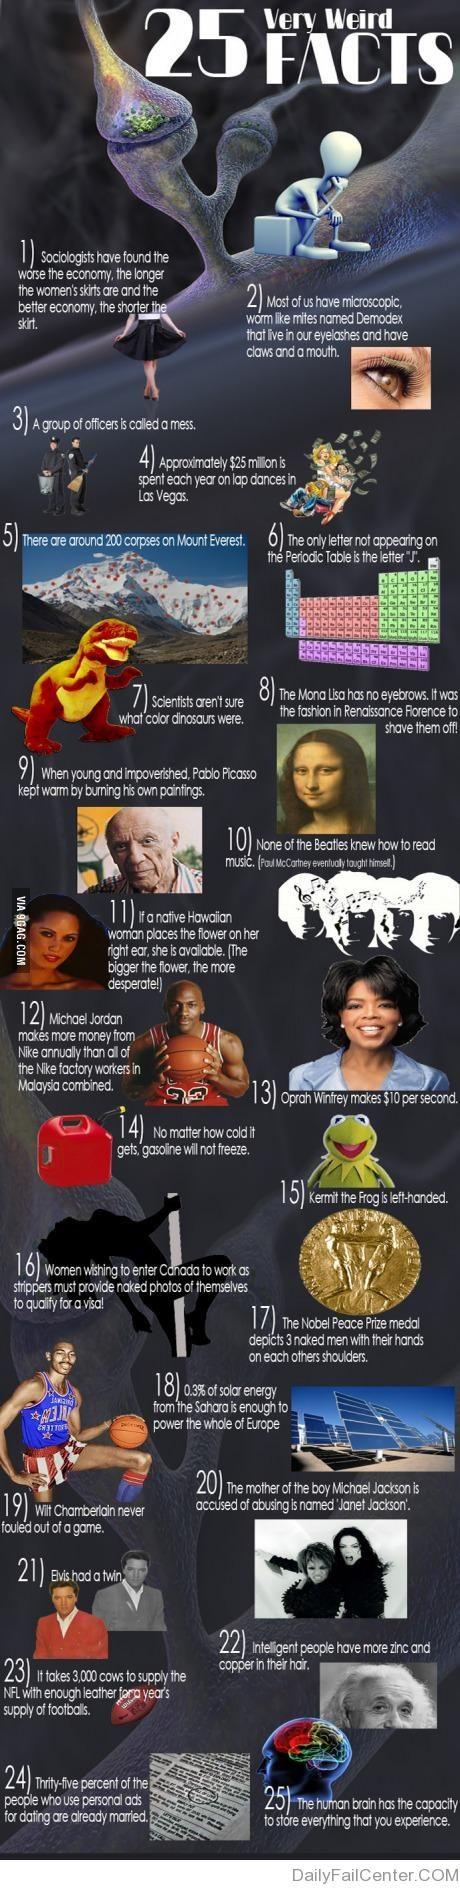 Some weird facts ... 16 is disturbing